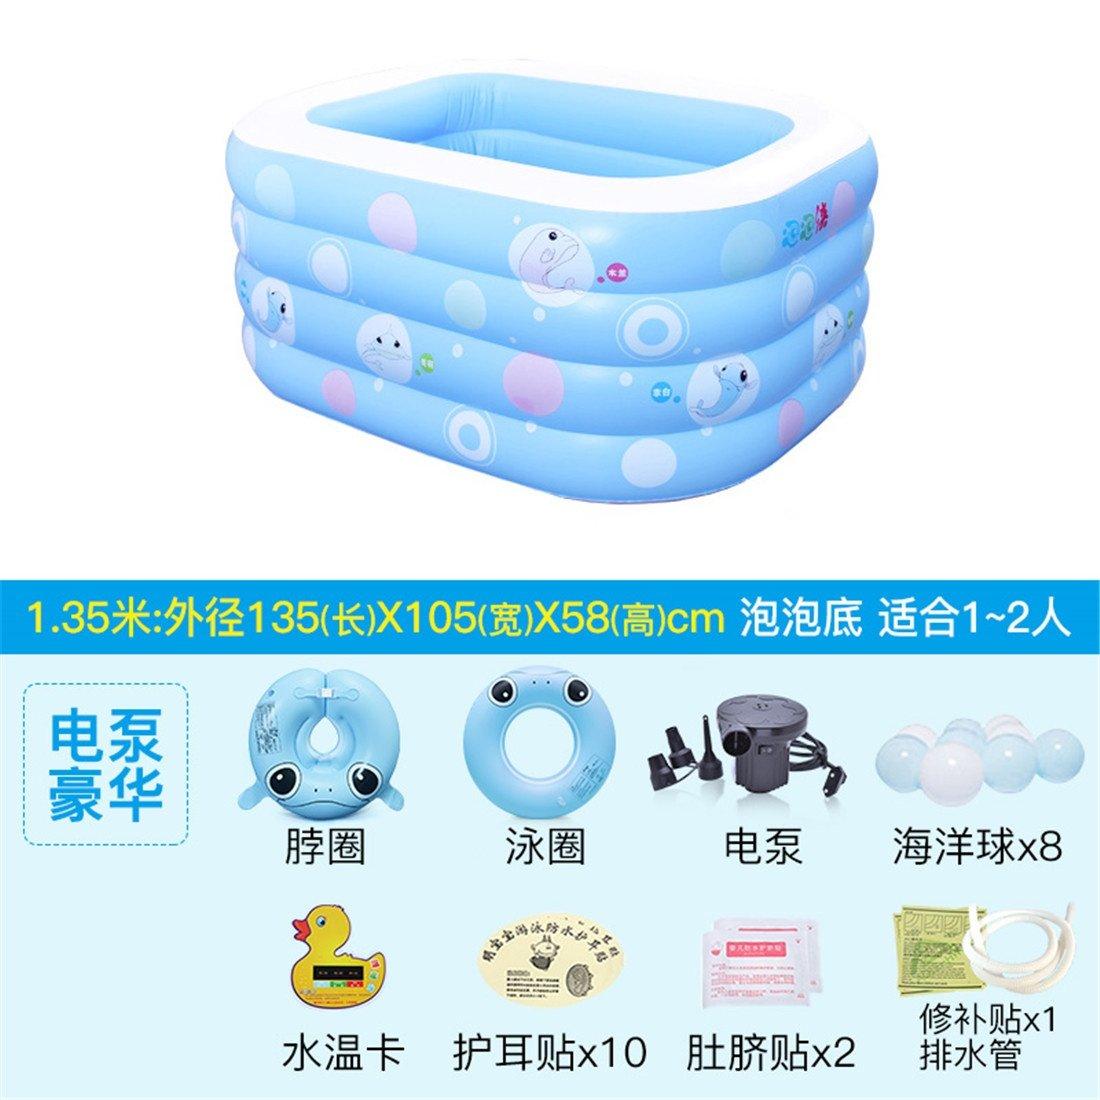 MIWENGrueso ecológico PVC Piscina Plegable Inflable Cuadrado bebé Piscina de la Piscina del hogar 135  105  58 cm para 1-2 Personas Bomba Eléctrica Inflable